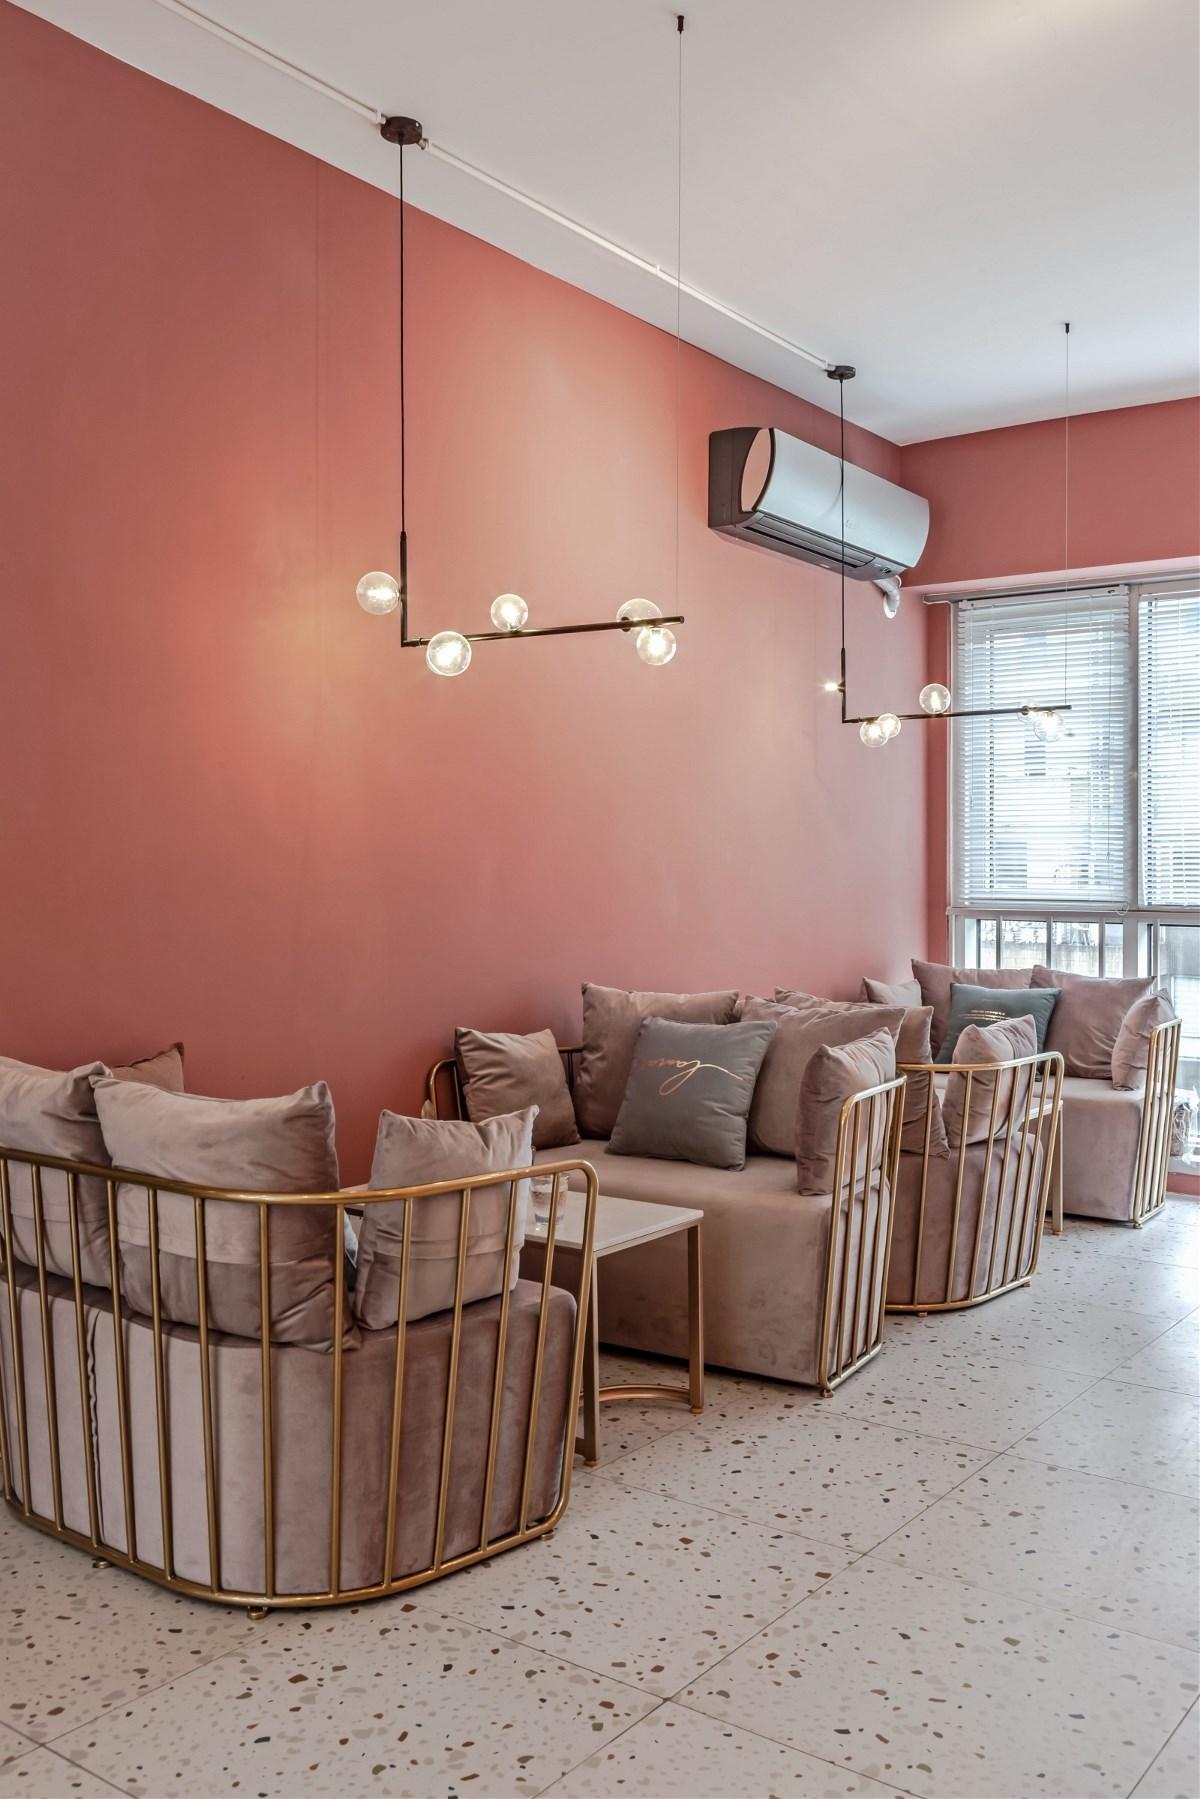 紫羽美甲休闲咖啡店